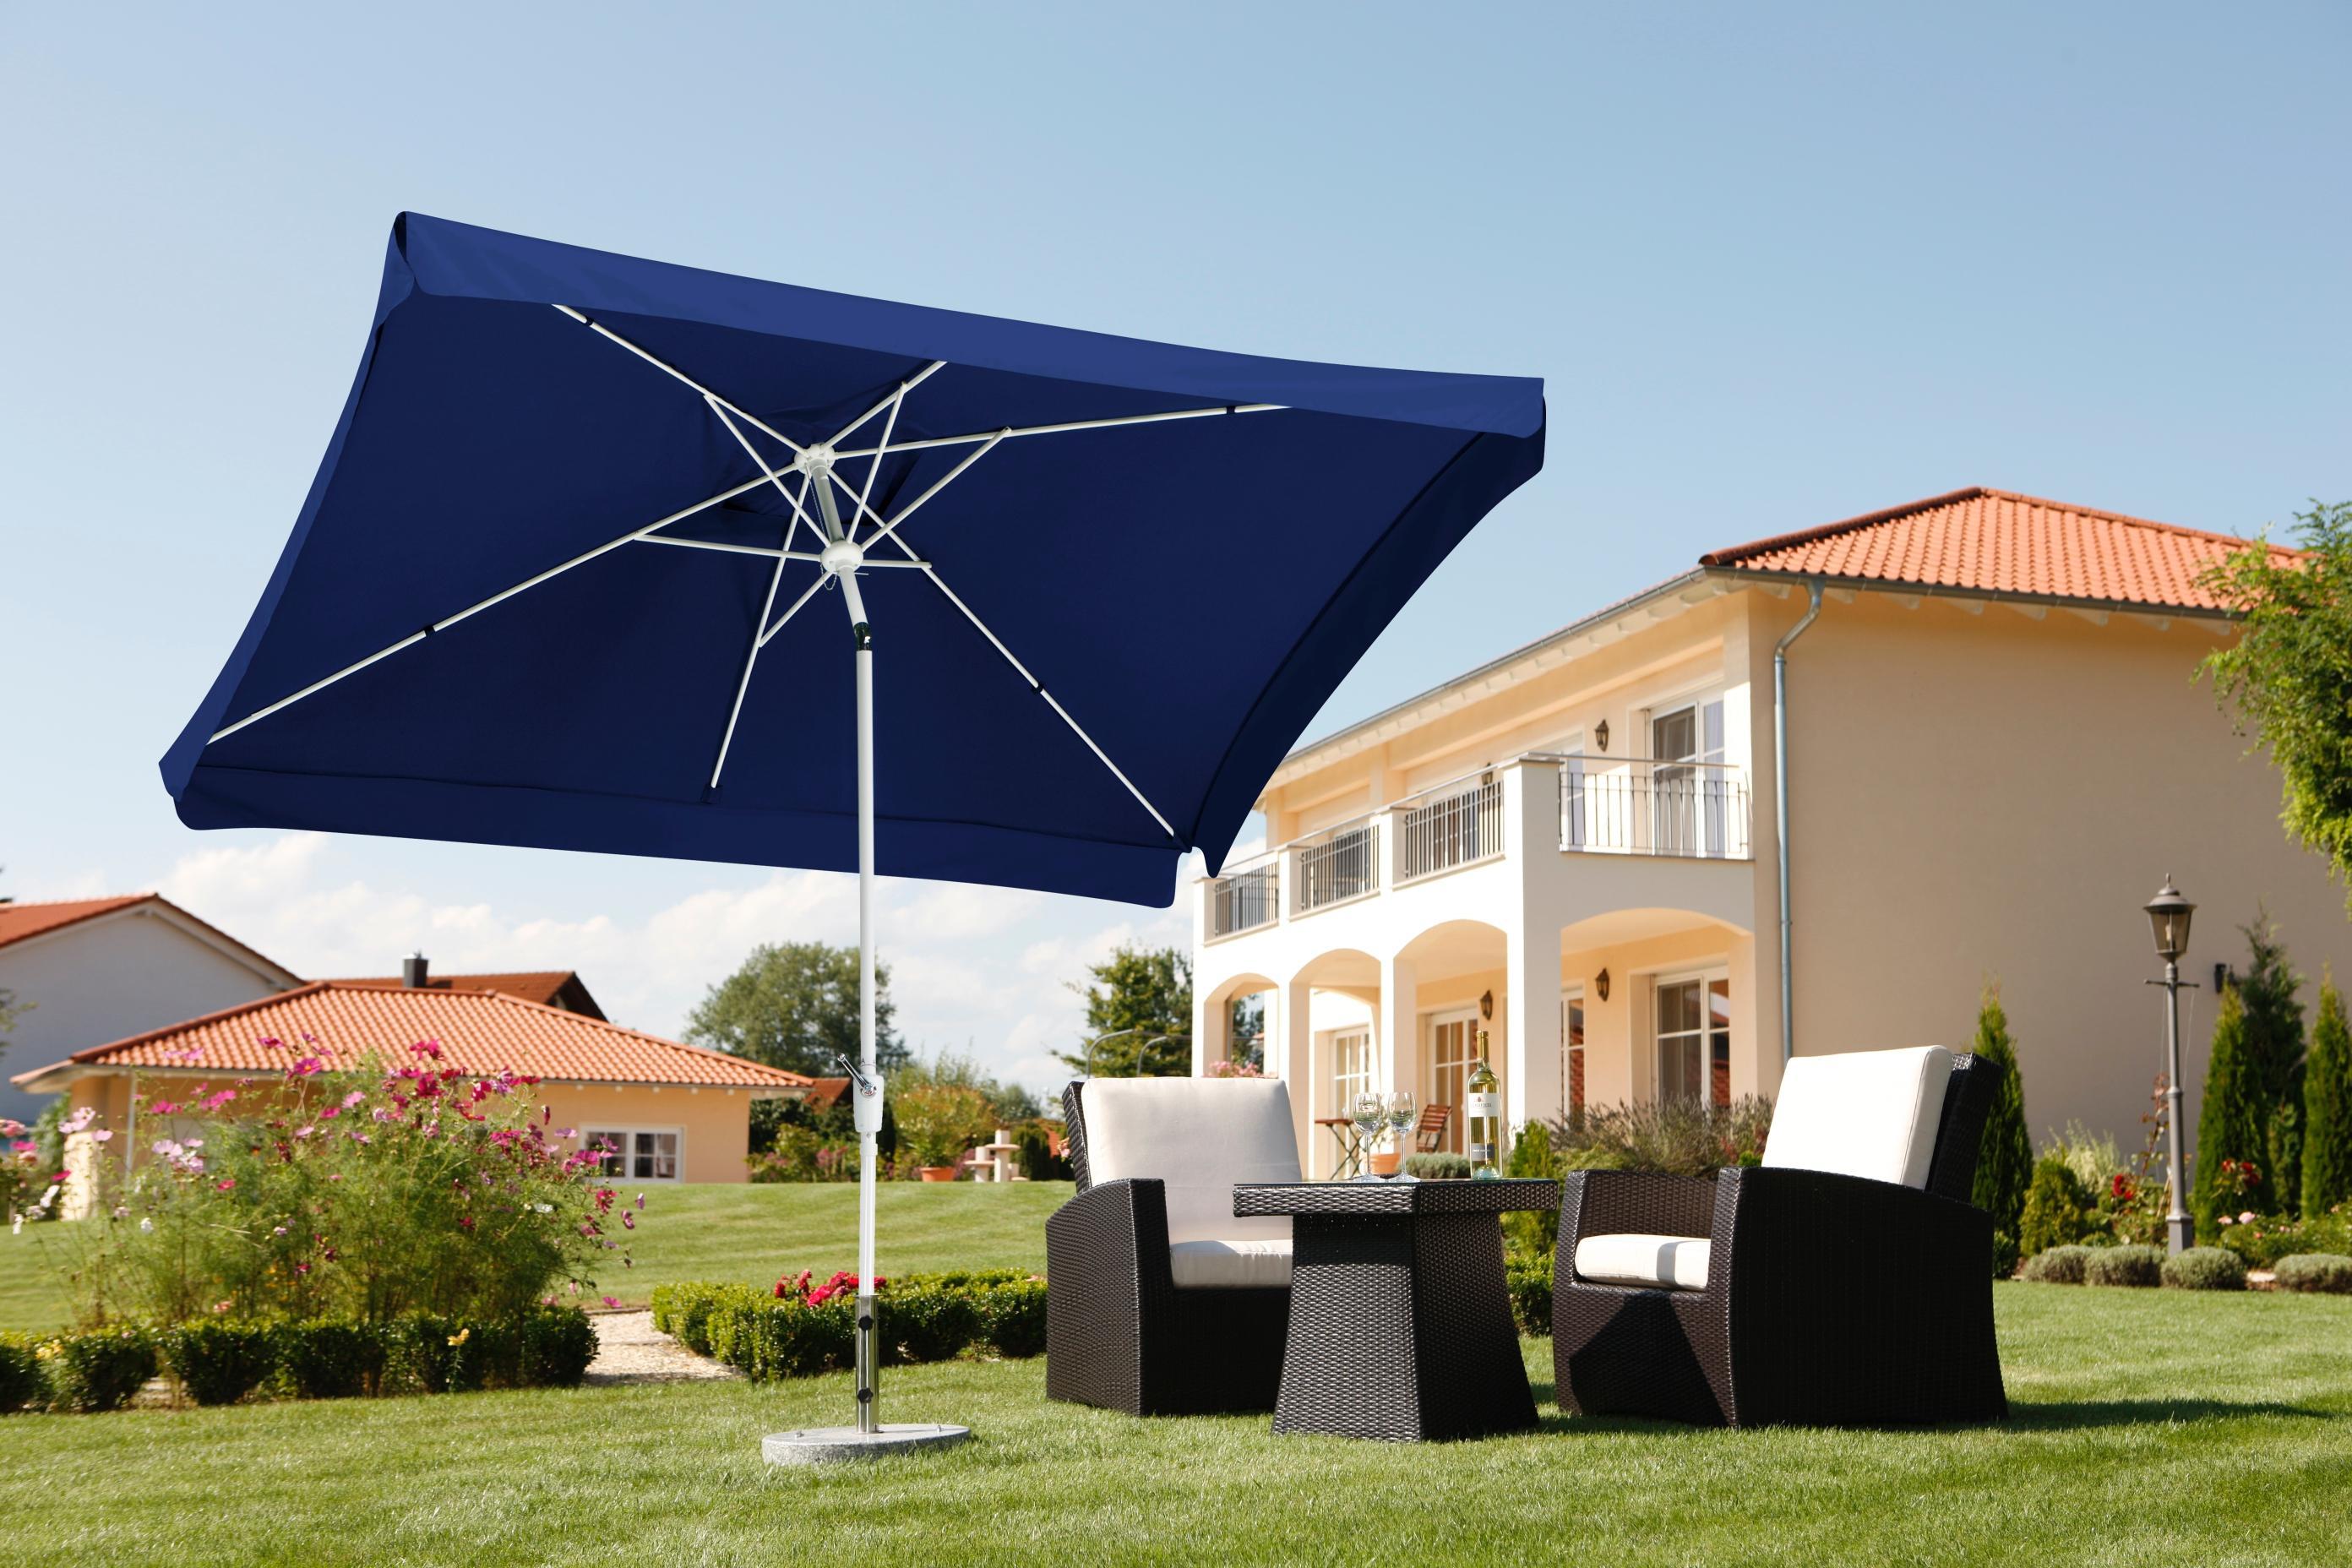 schneider sonnenschirm oslo blau 300x200 cm rechteckig gestell aluminium stahl. Black Bedroom Furniture Sets. Home Design Ideas